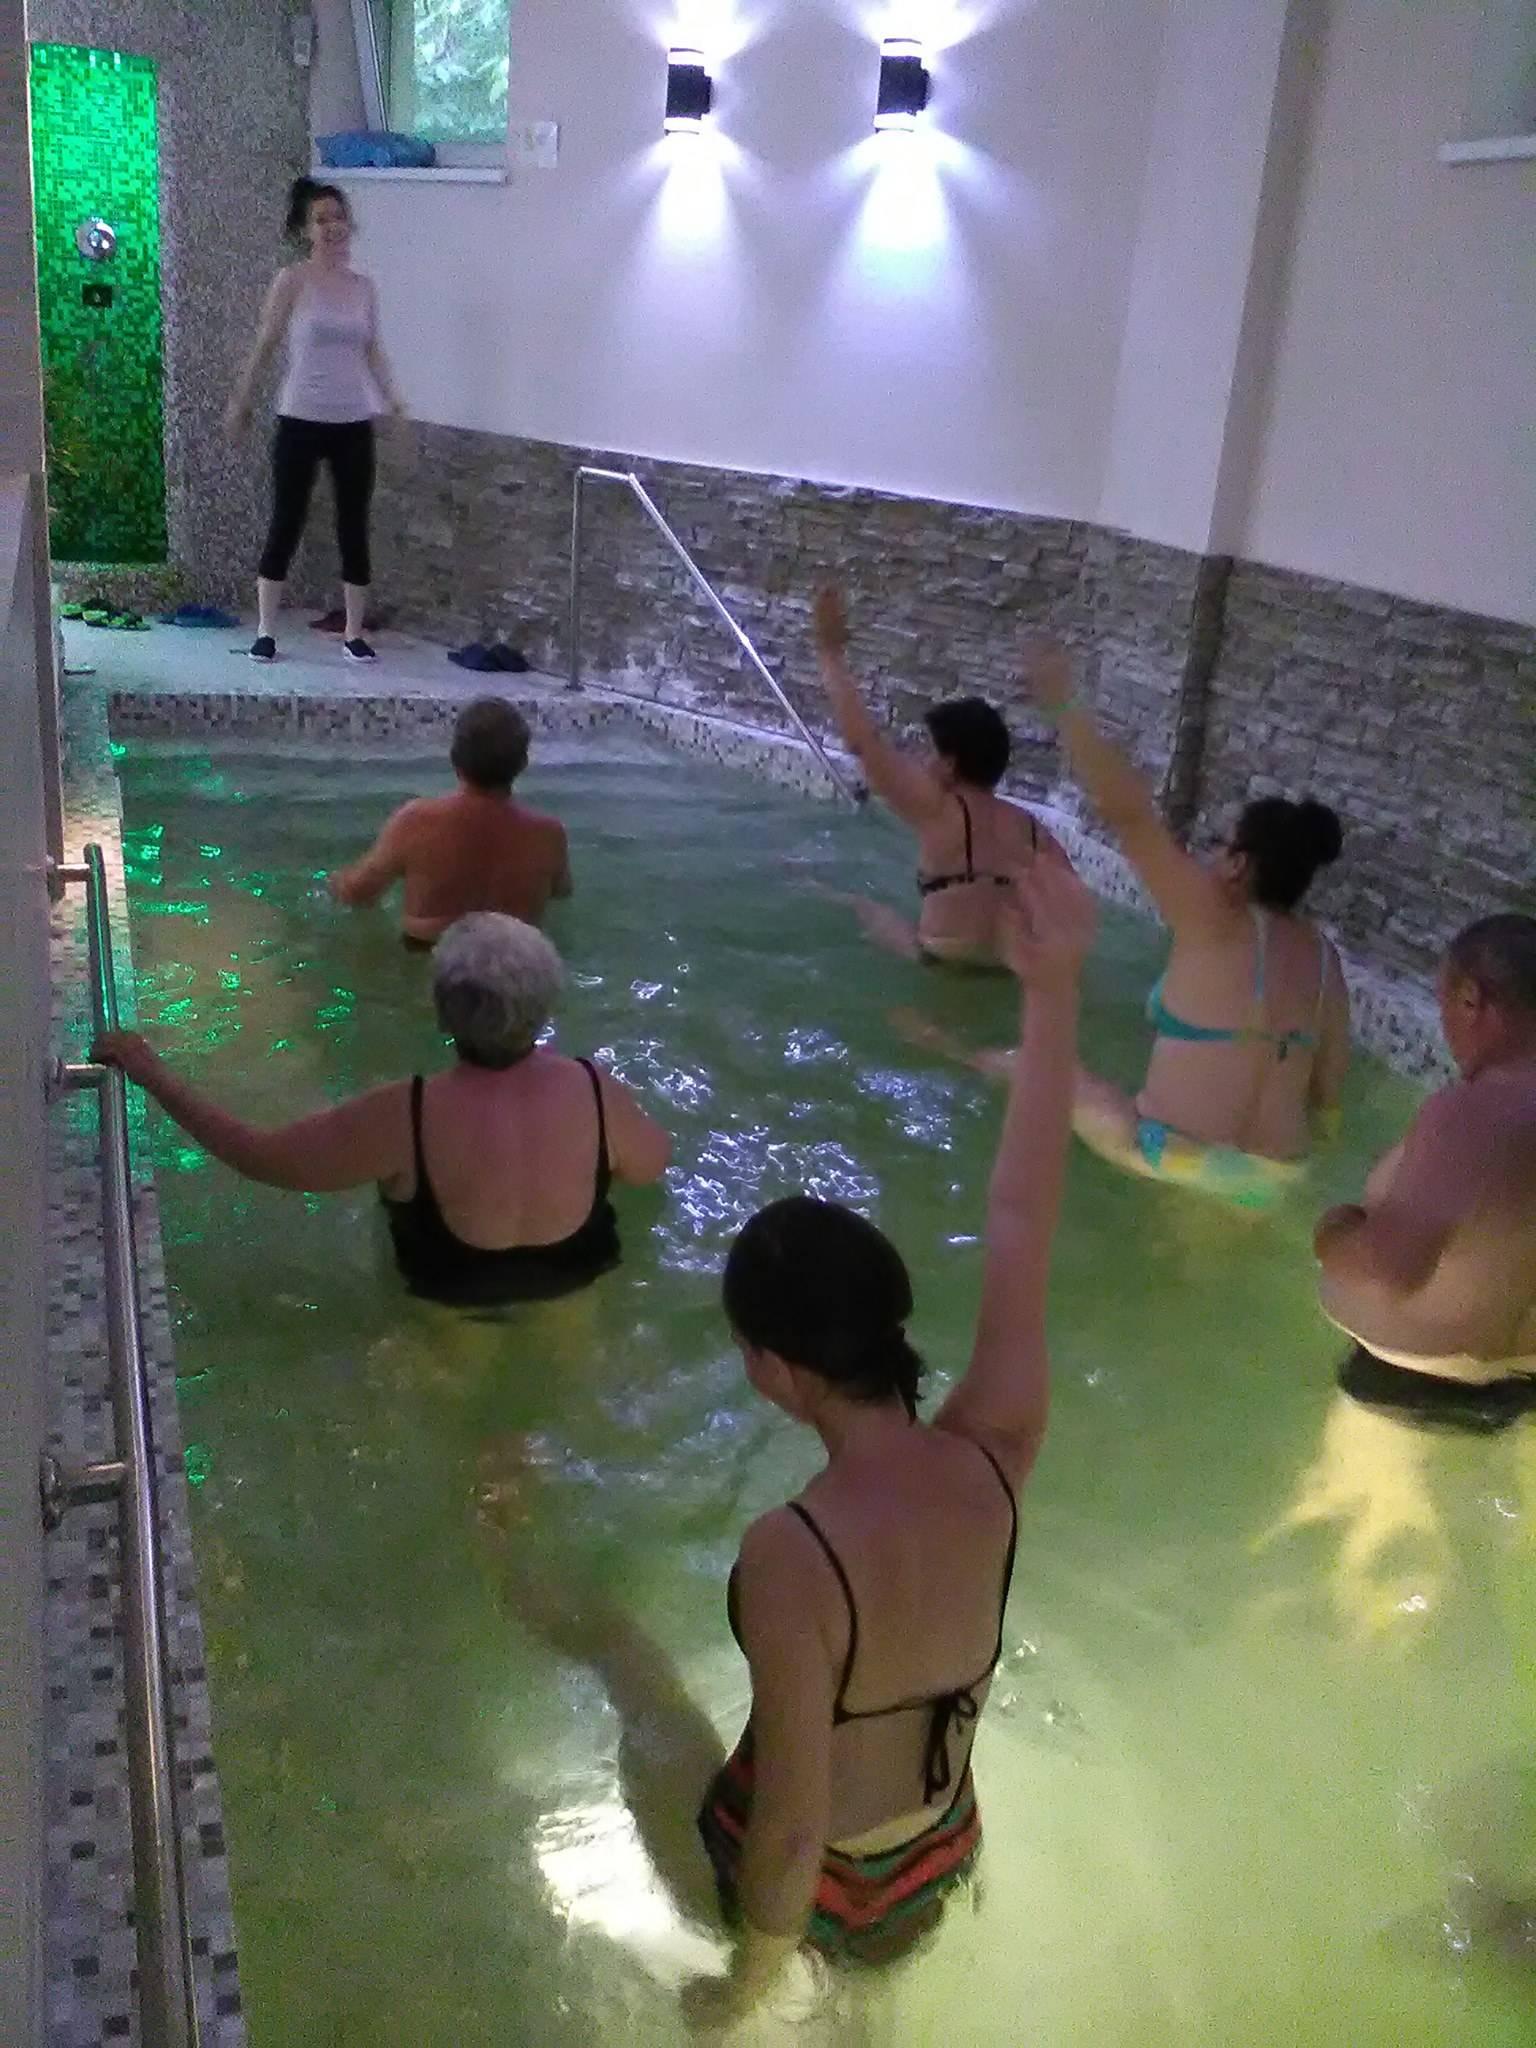 tratamentul artrozei în piscină